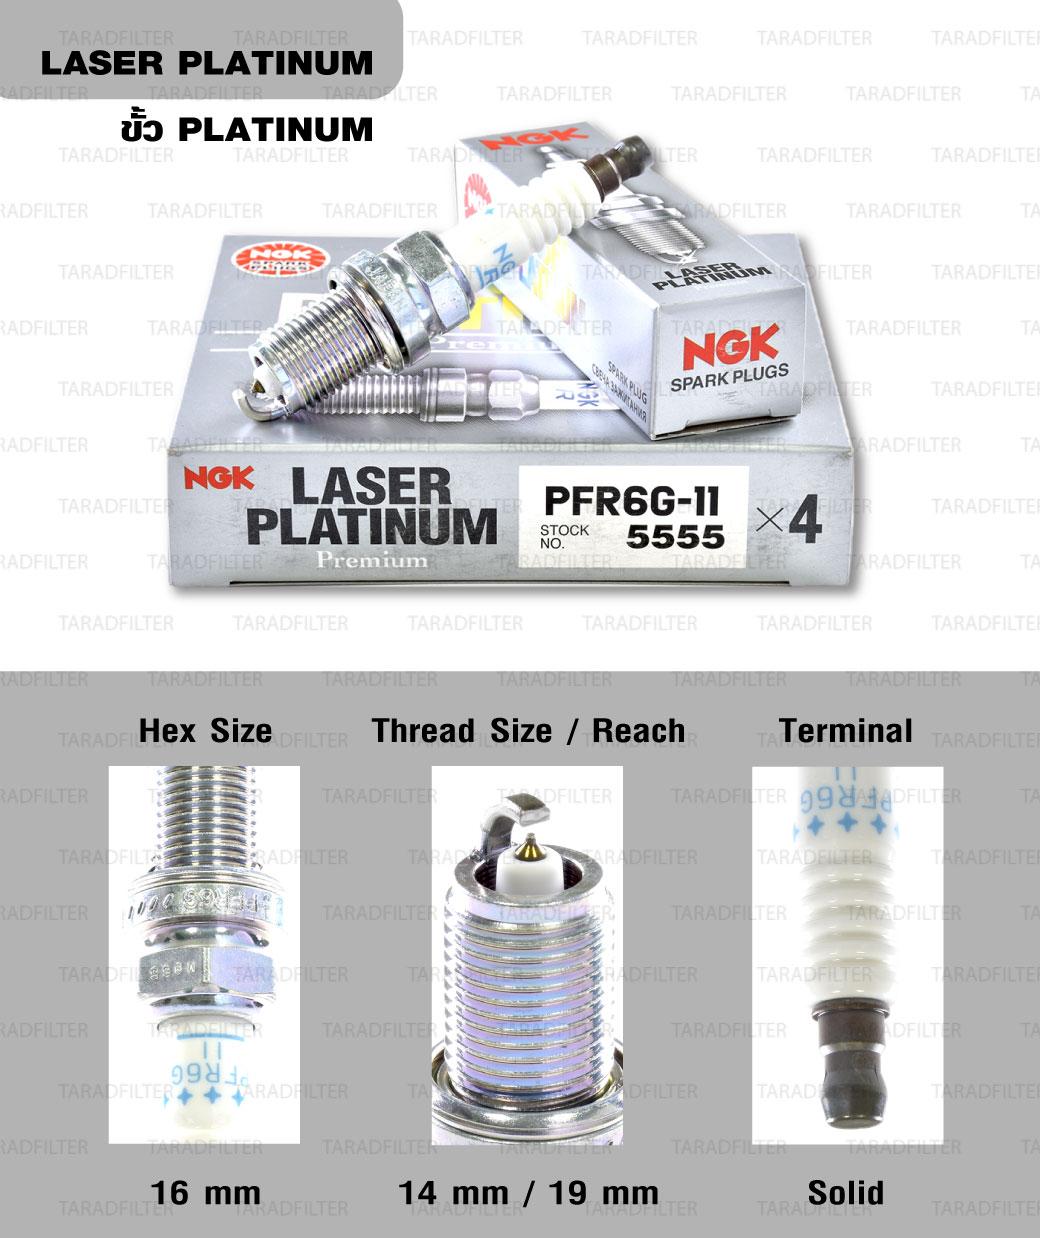 หัวเทียน NGK PFR6G-11 ขั้ว Laser Platinum ใช้สำหรับ Nissan Cefiro A33 เบอร์ 6 (1 หัว) – Made in Japan